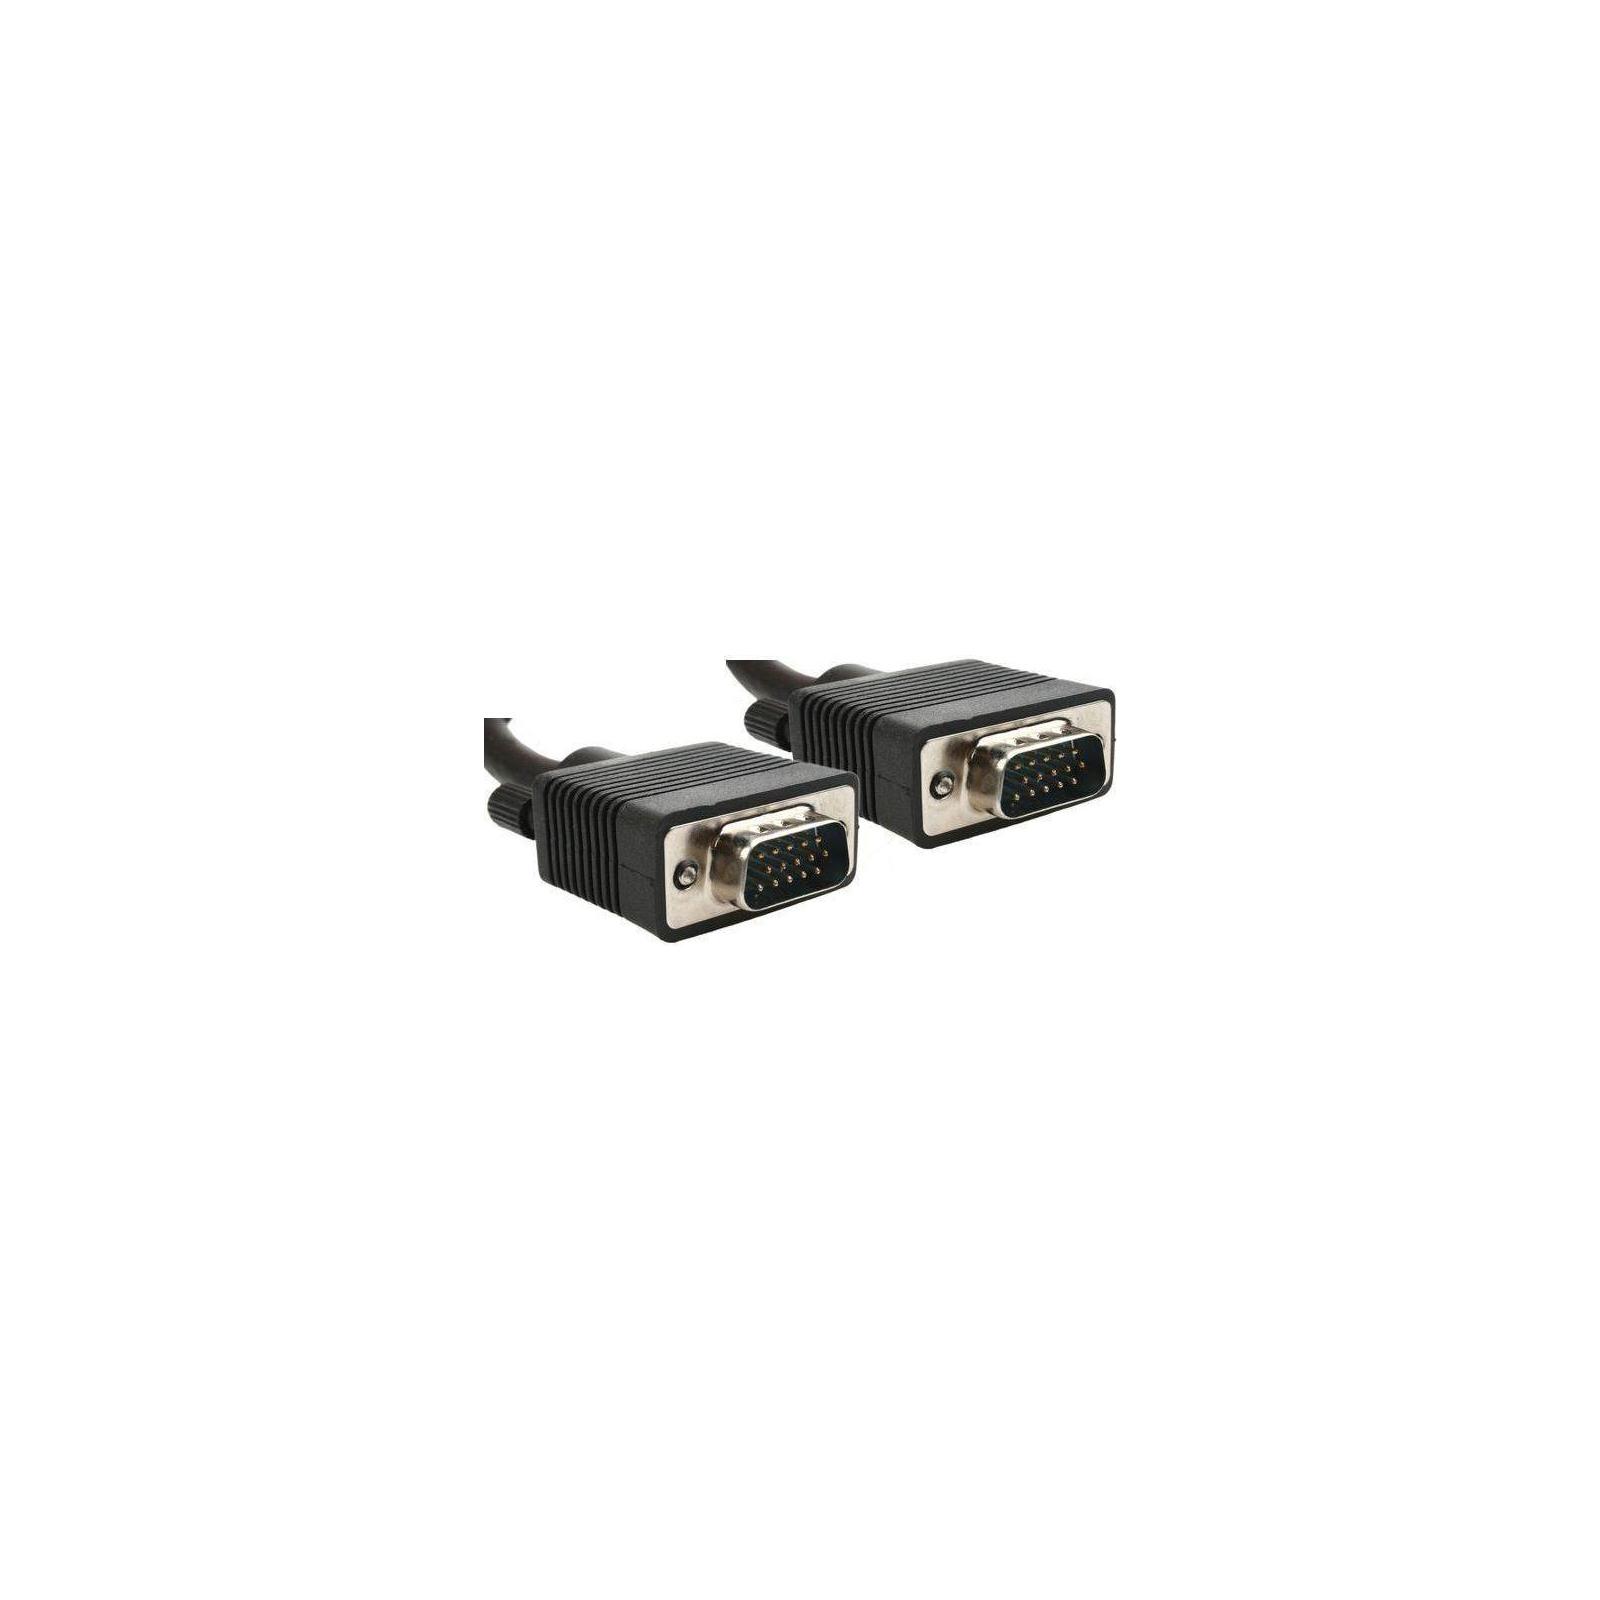 Кабель мультимедийный VGA 30.0m Cablexpert (CC-PPVGA-30M-B) изображение 3